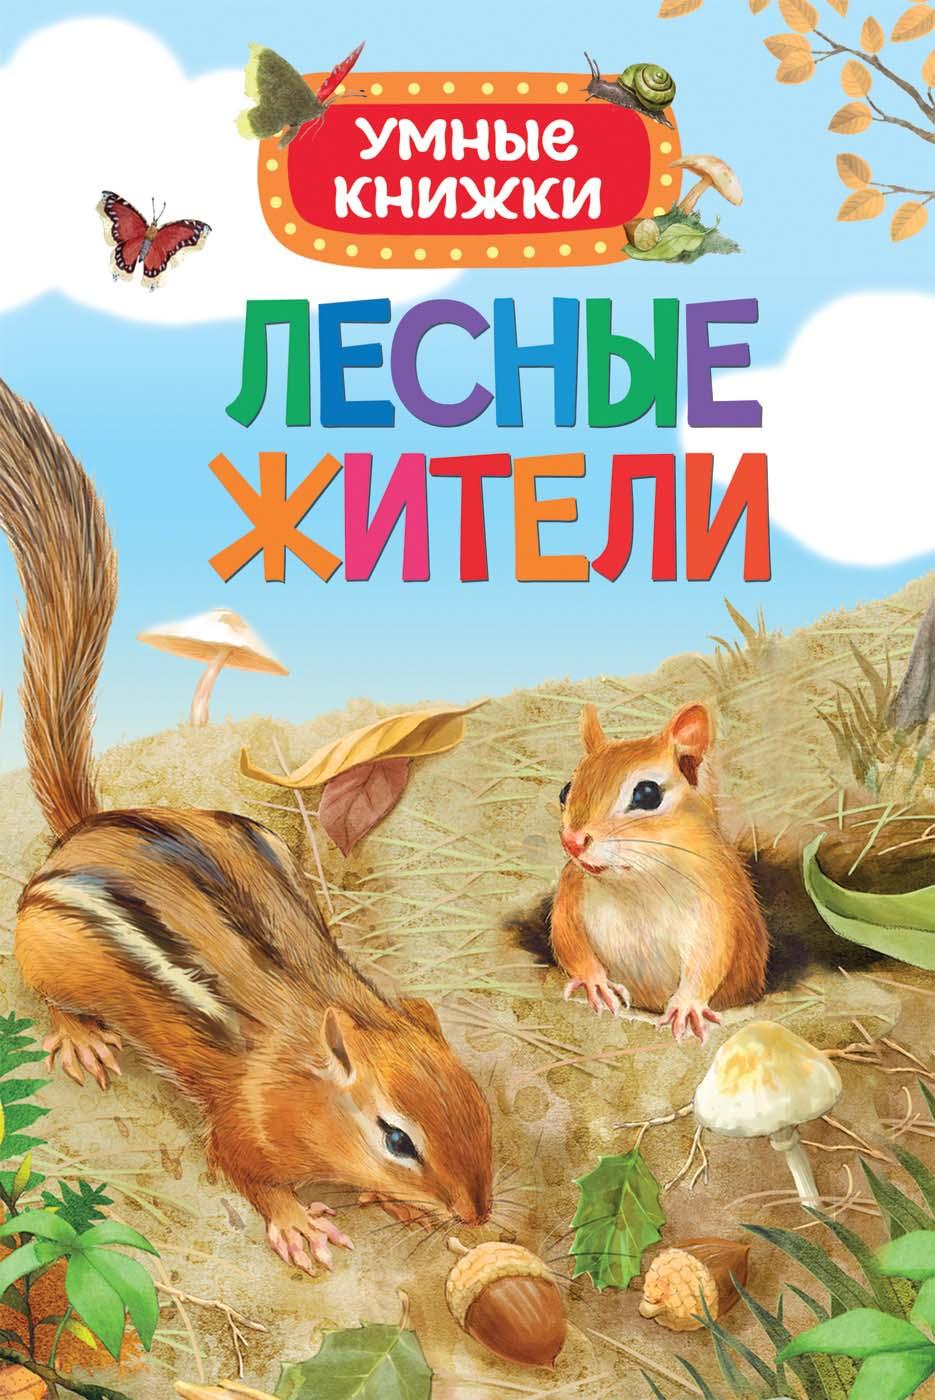 Умные книжки - Лесные жителиОбучающие книги<br>Умные книжки - Лесные жители<br>